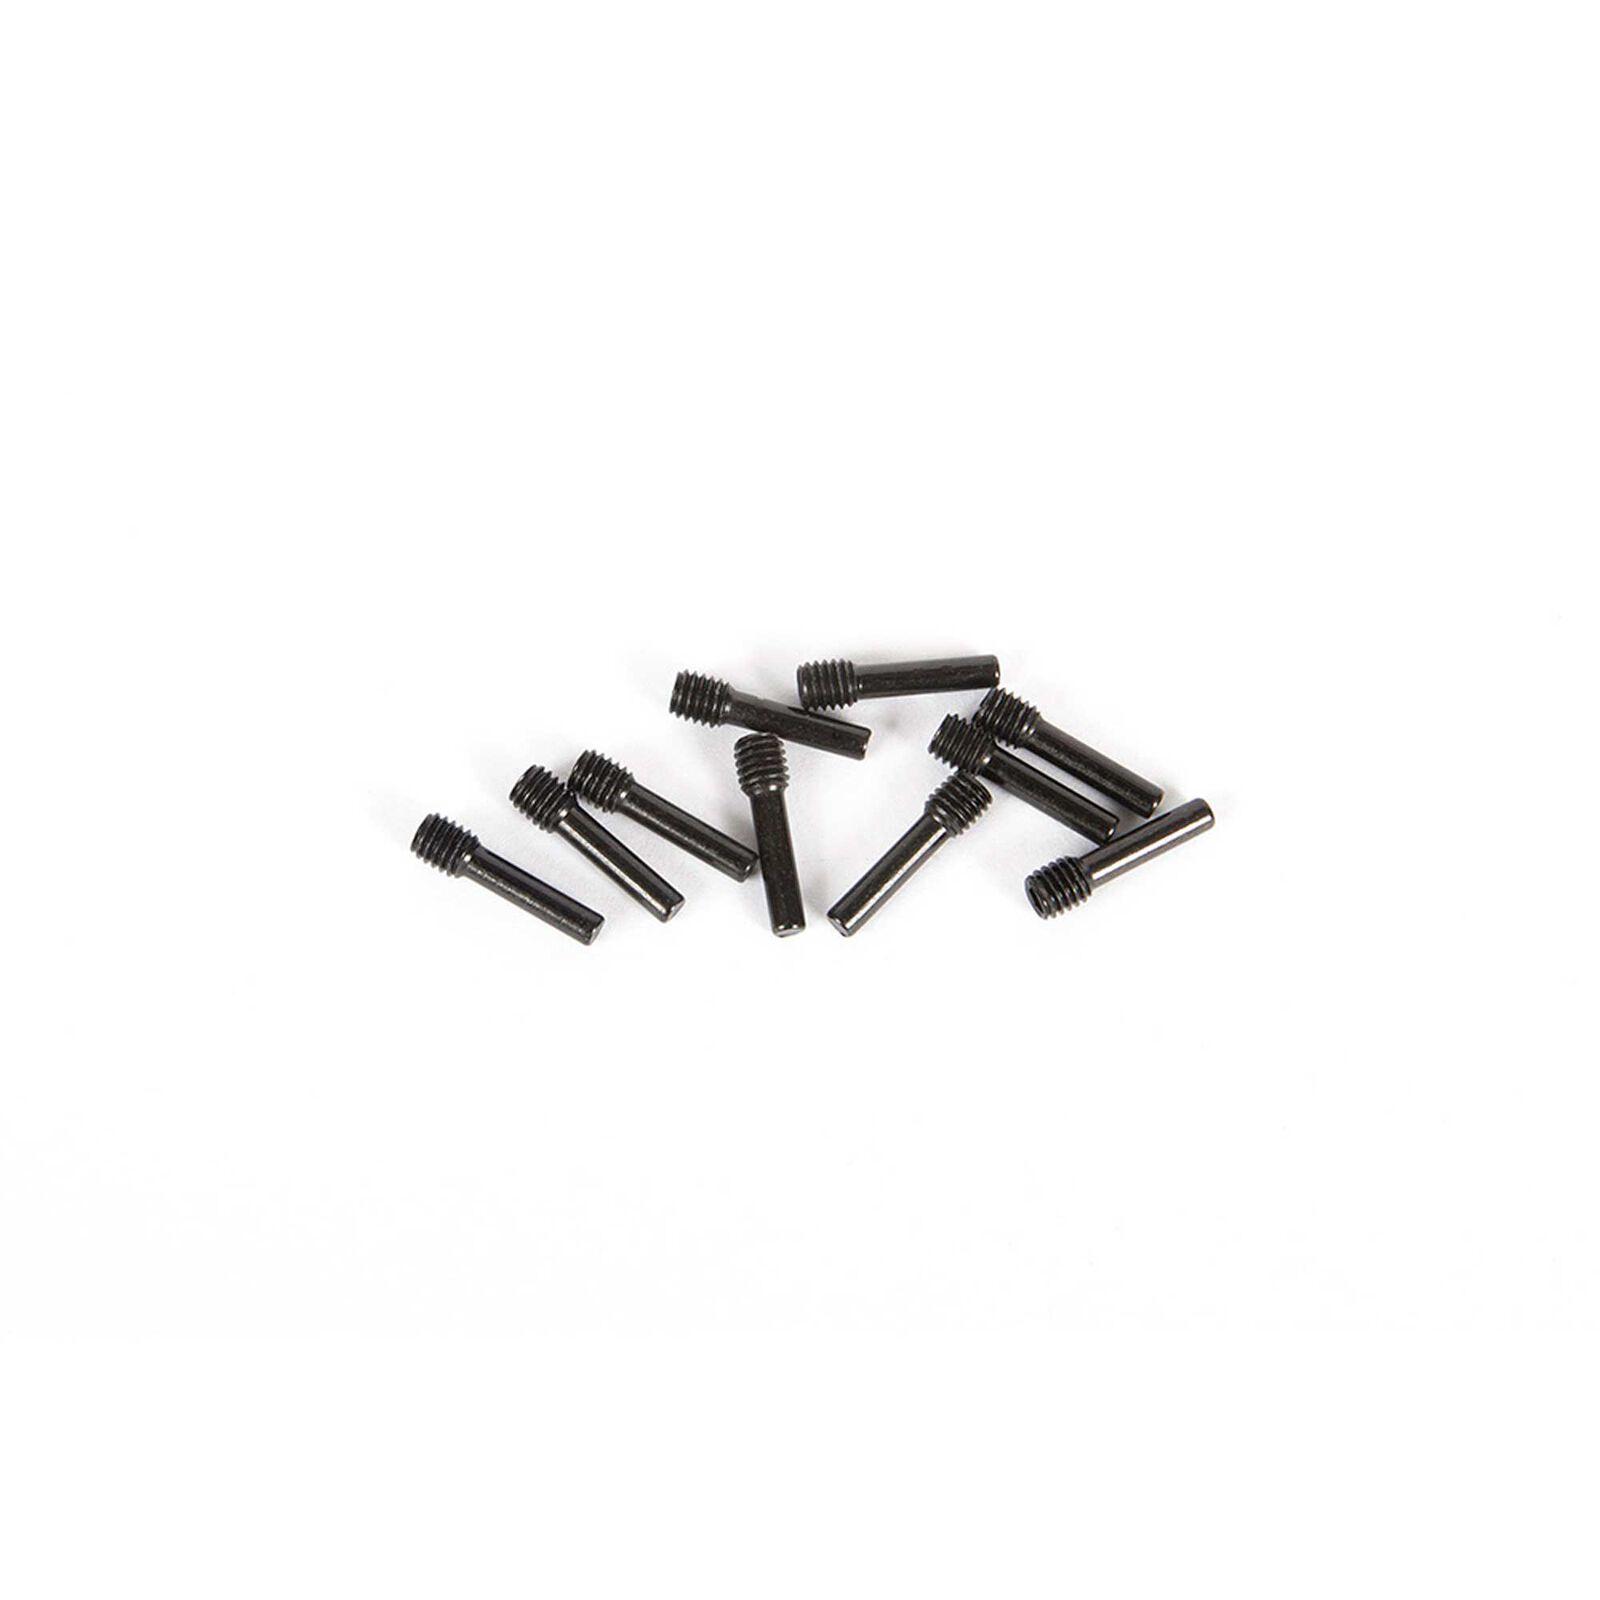 Screw Shaft M3 x 2.0 x 12mm